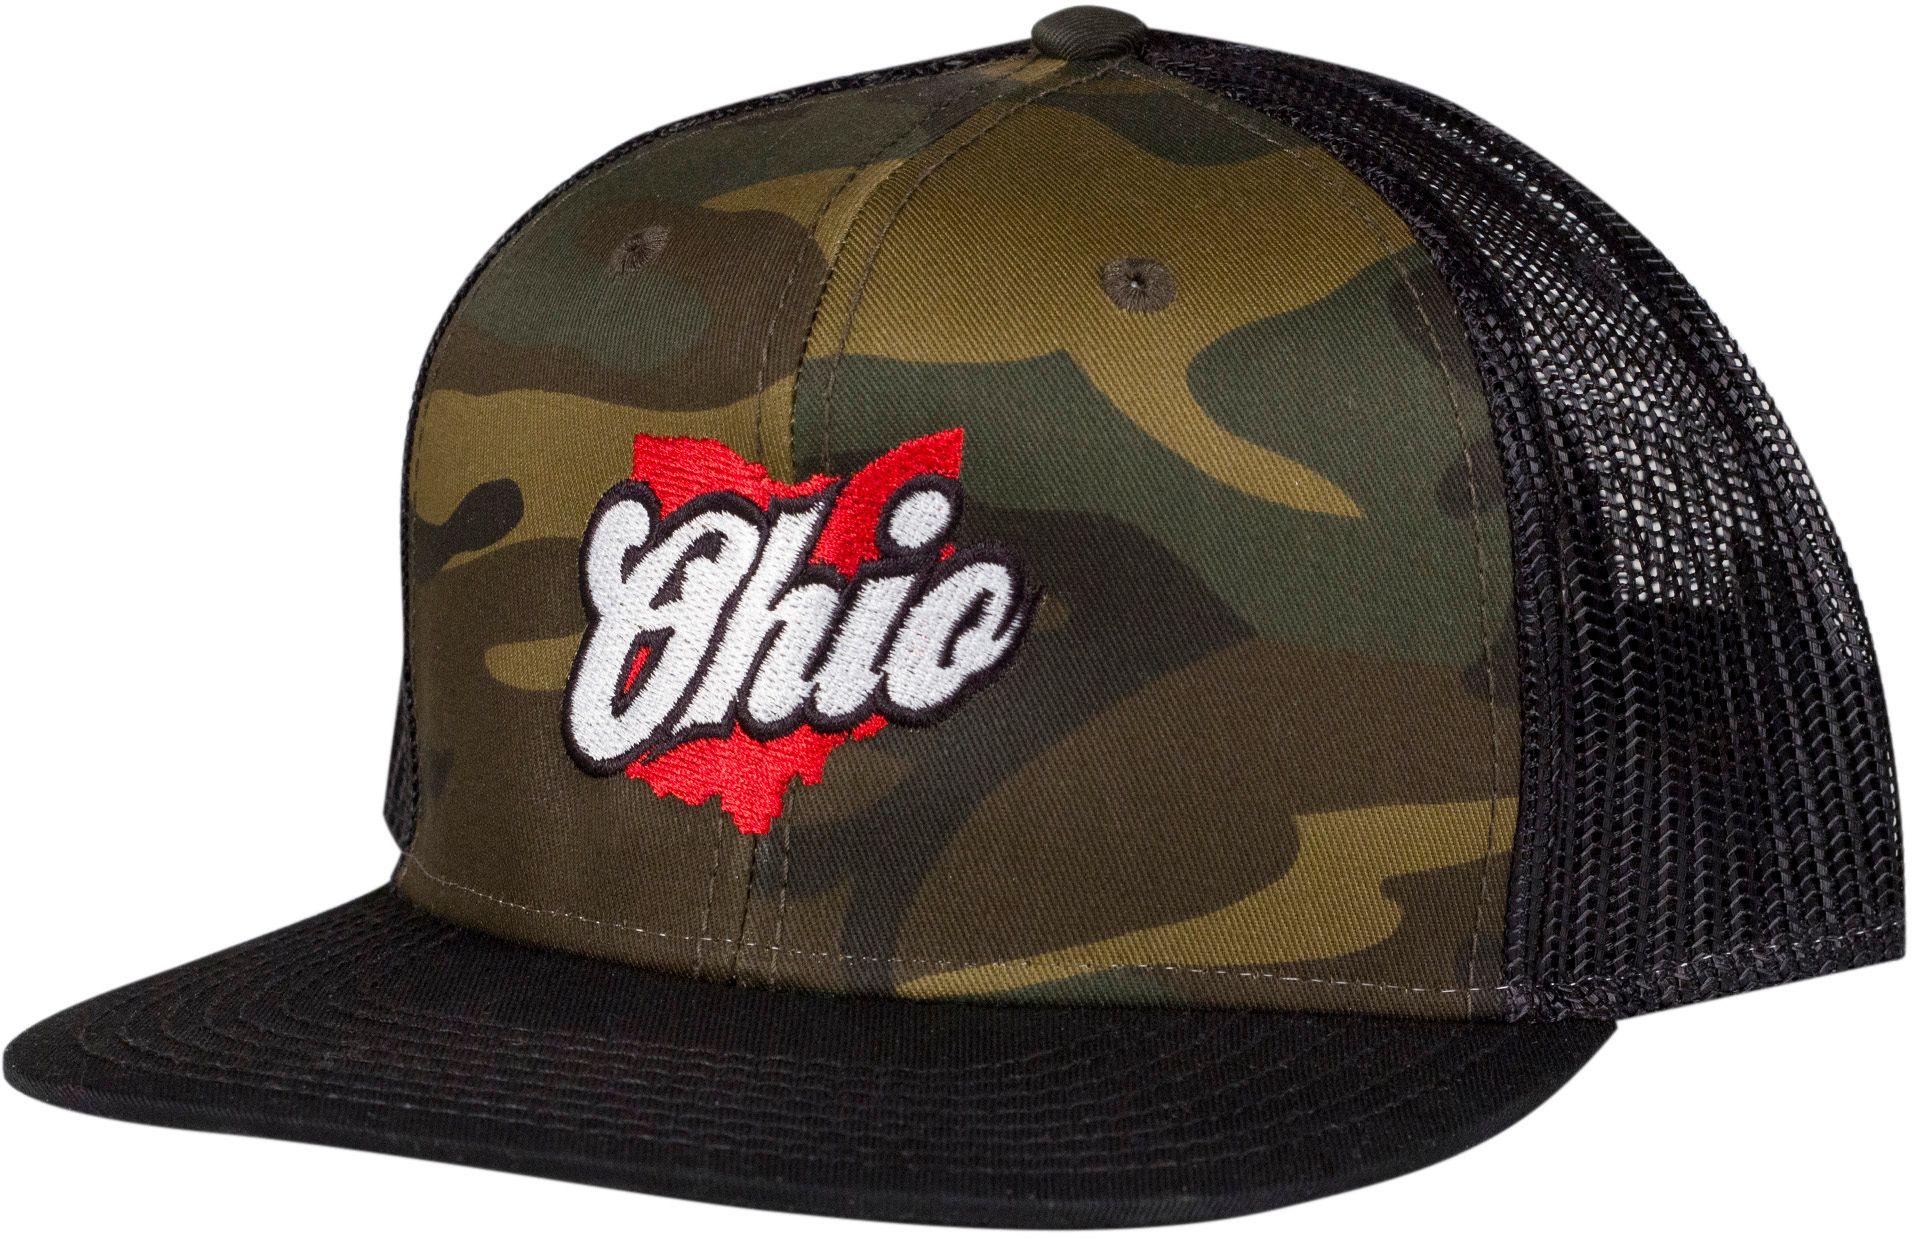 Home State Apparel Ohio Graphic Trucker Hat, Men's, Camo